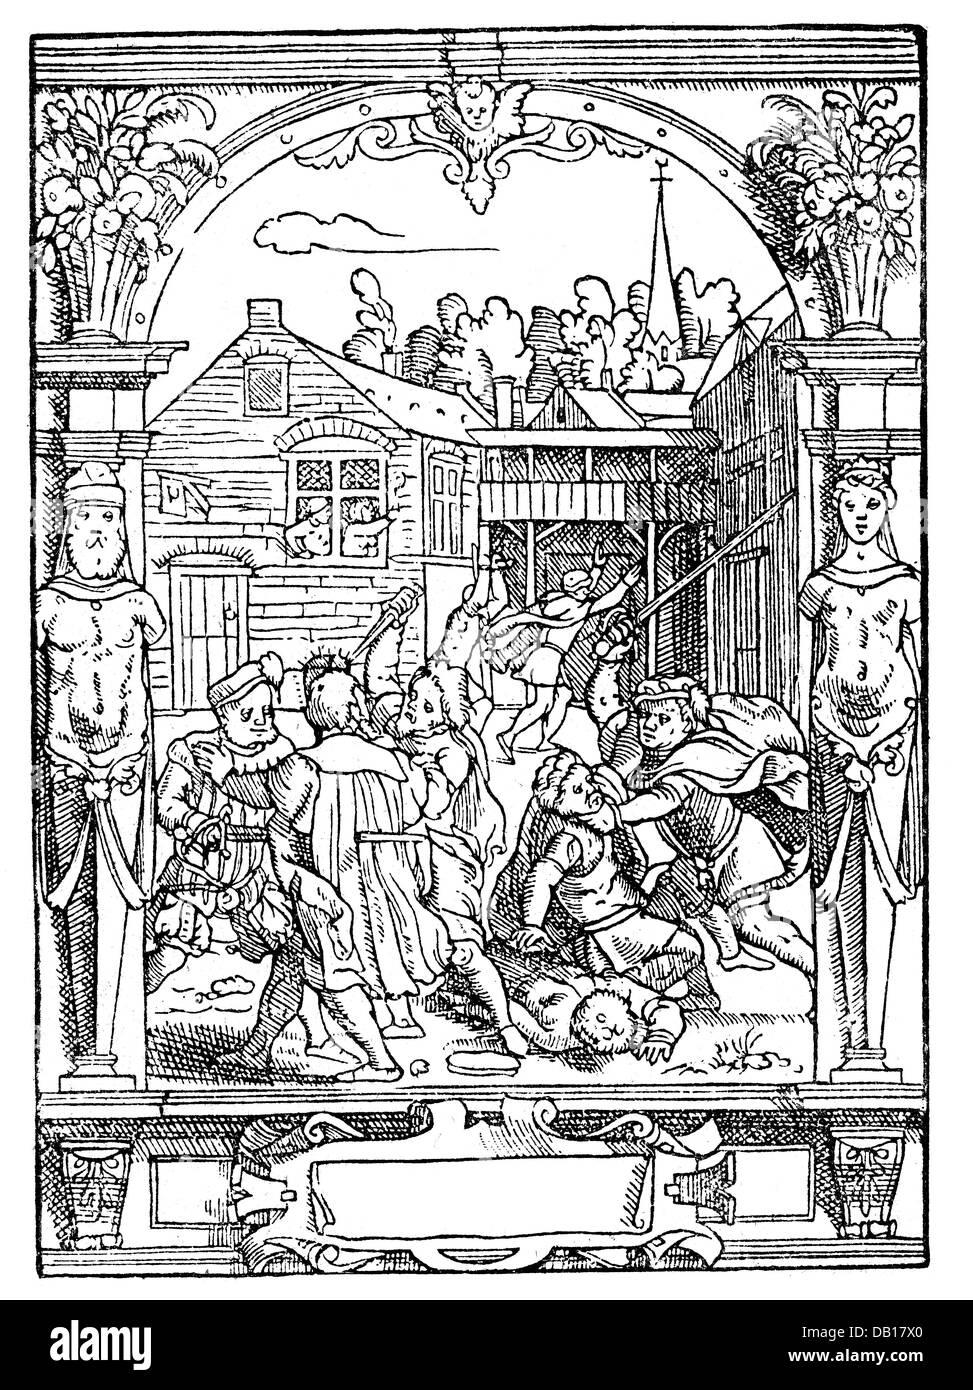 La rivolta delle confraternite a Valencia 1520 - 1521, l'artista del diritto d'autore non deve essere cancellata Foto Stock